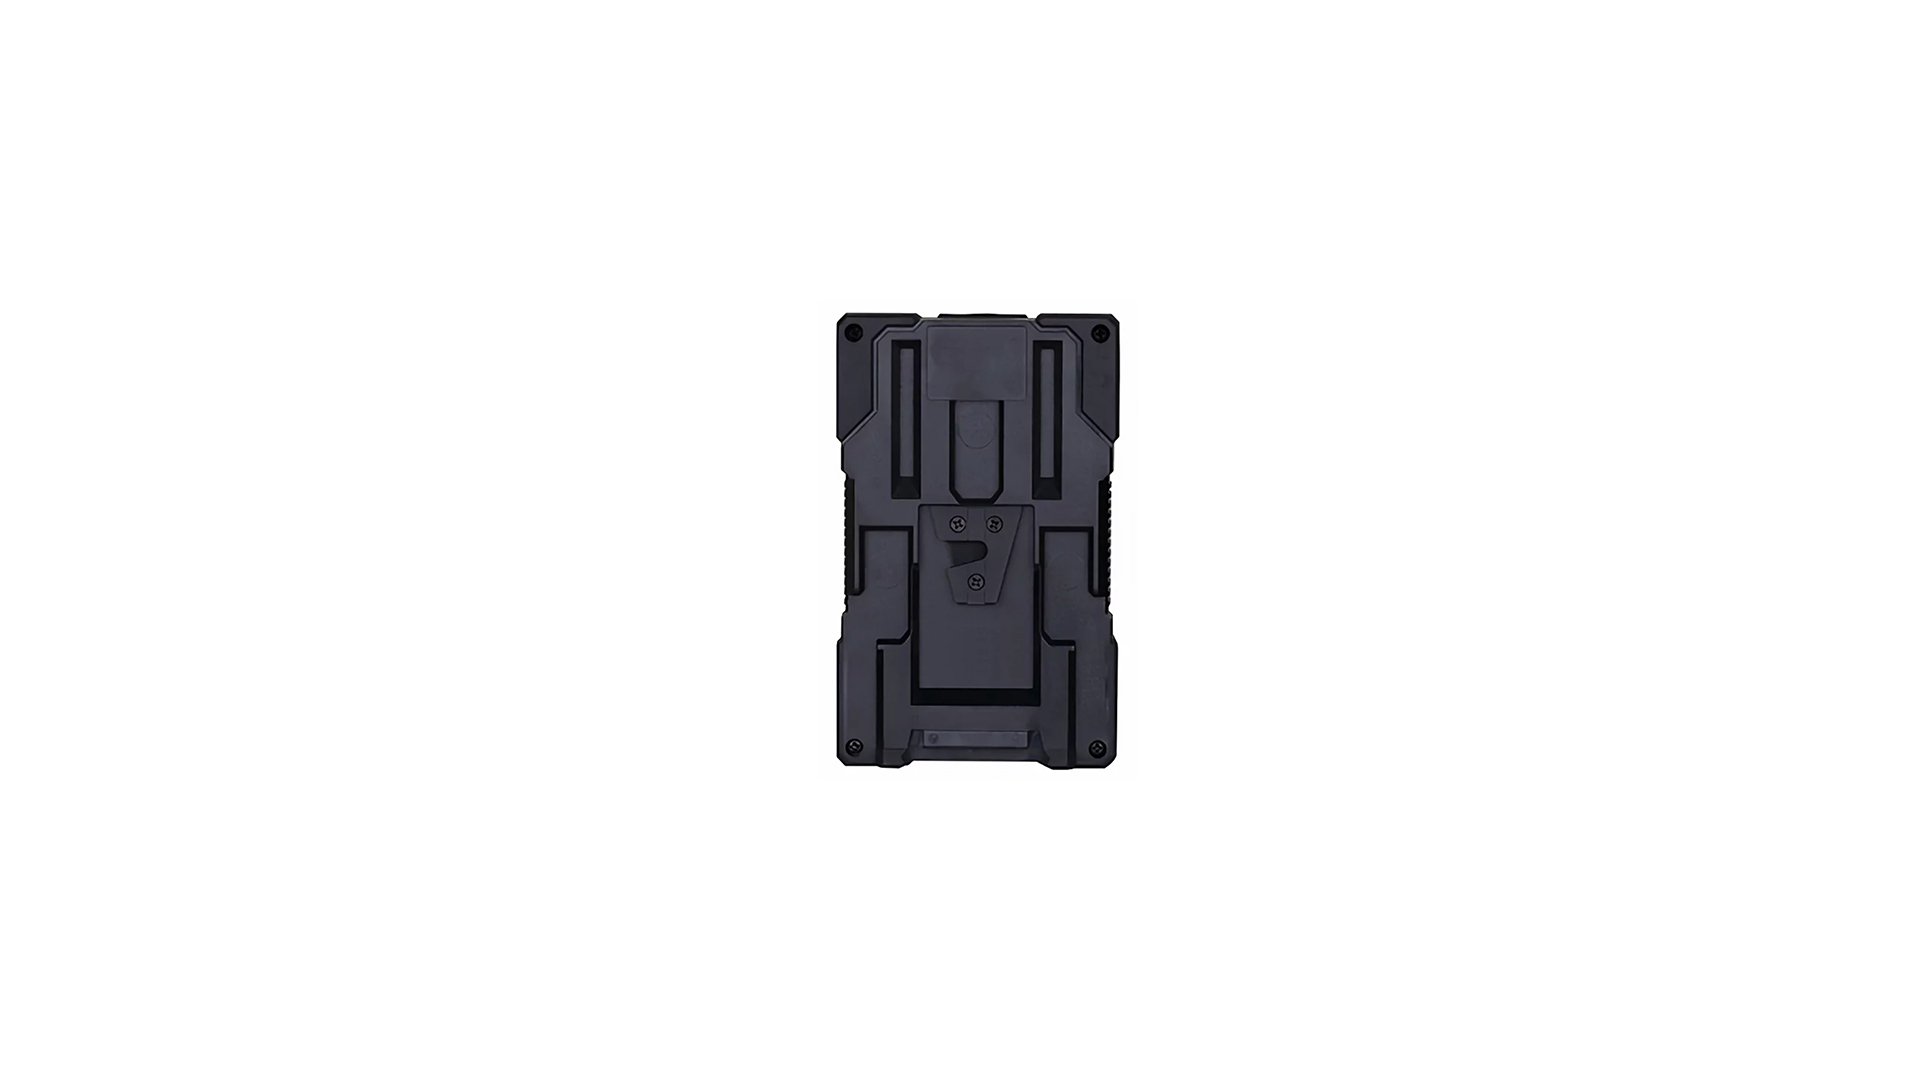 Swit PB H290S   Batteria V lock heavy duty 290Wh con doppio voltaggio per ARRI Alexa LF/65 o luci cine tipo Skypanel   Batterie V Lock